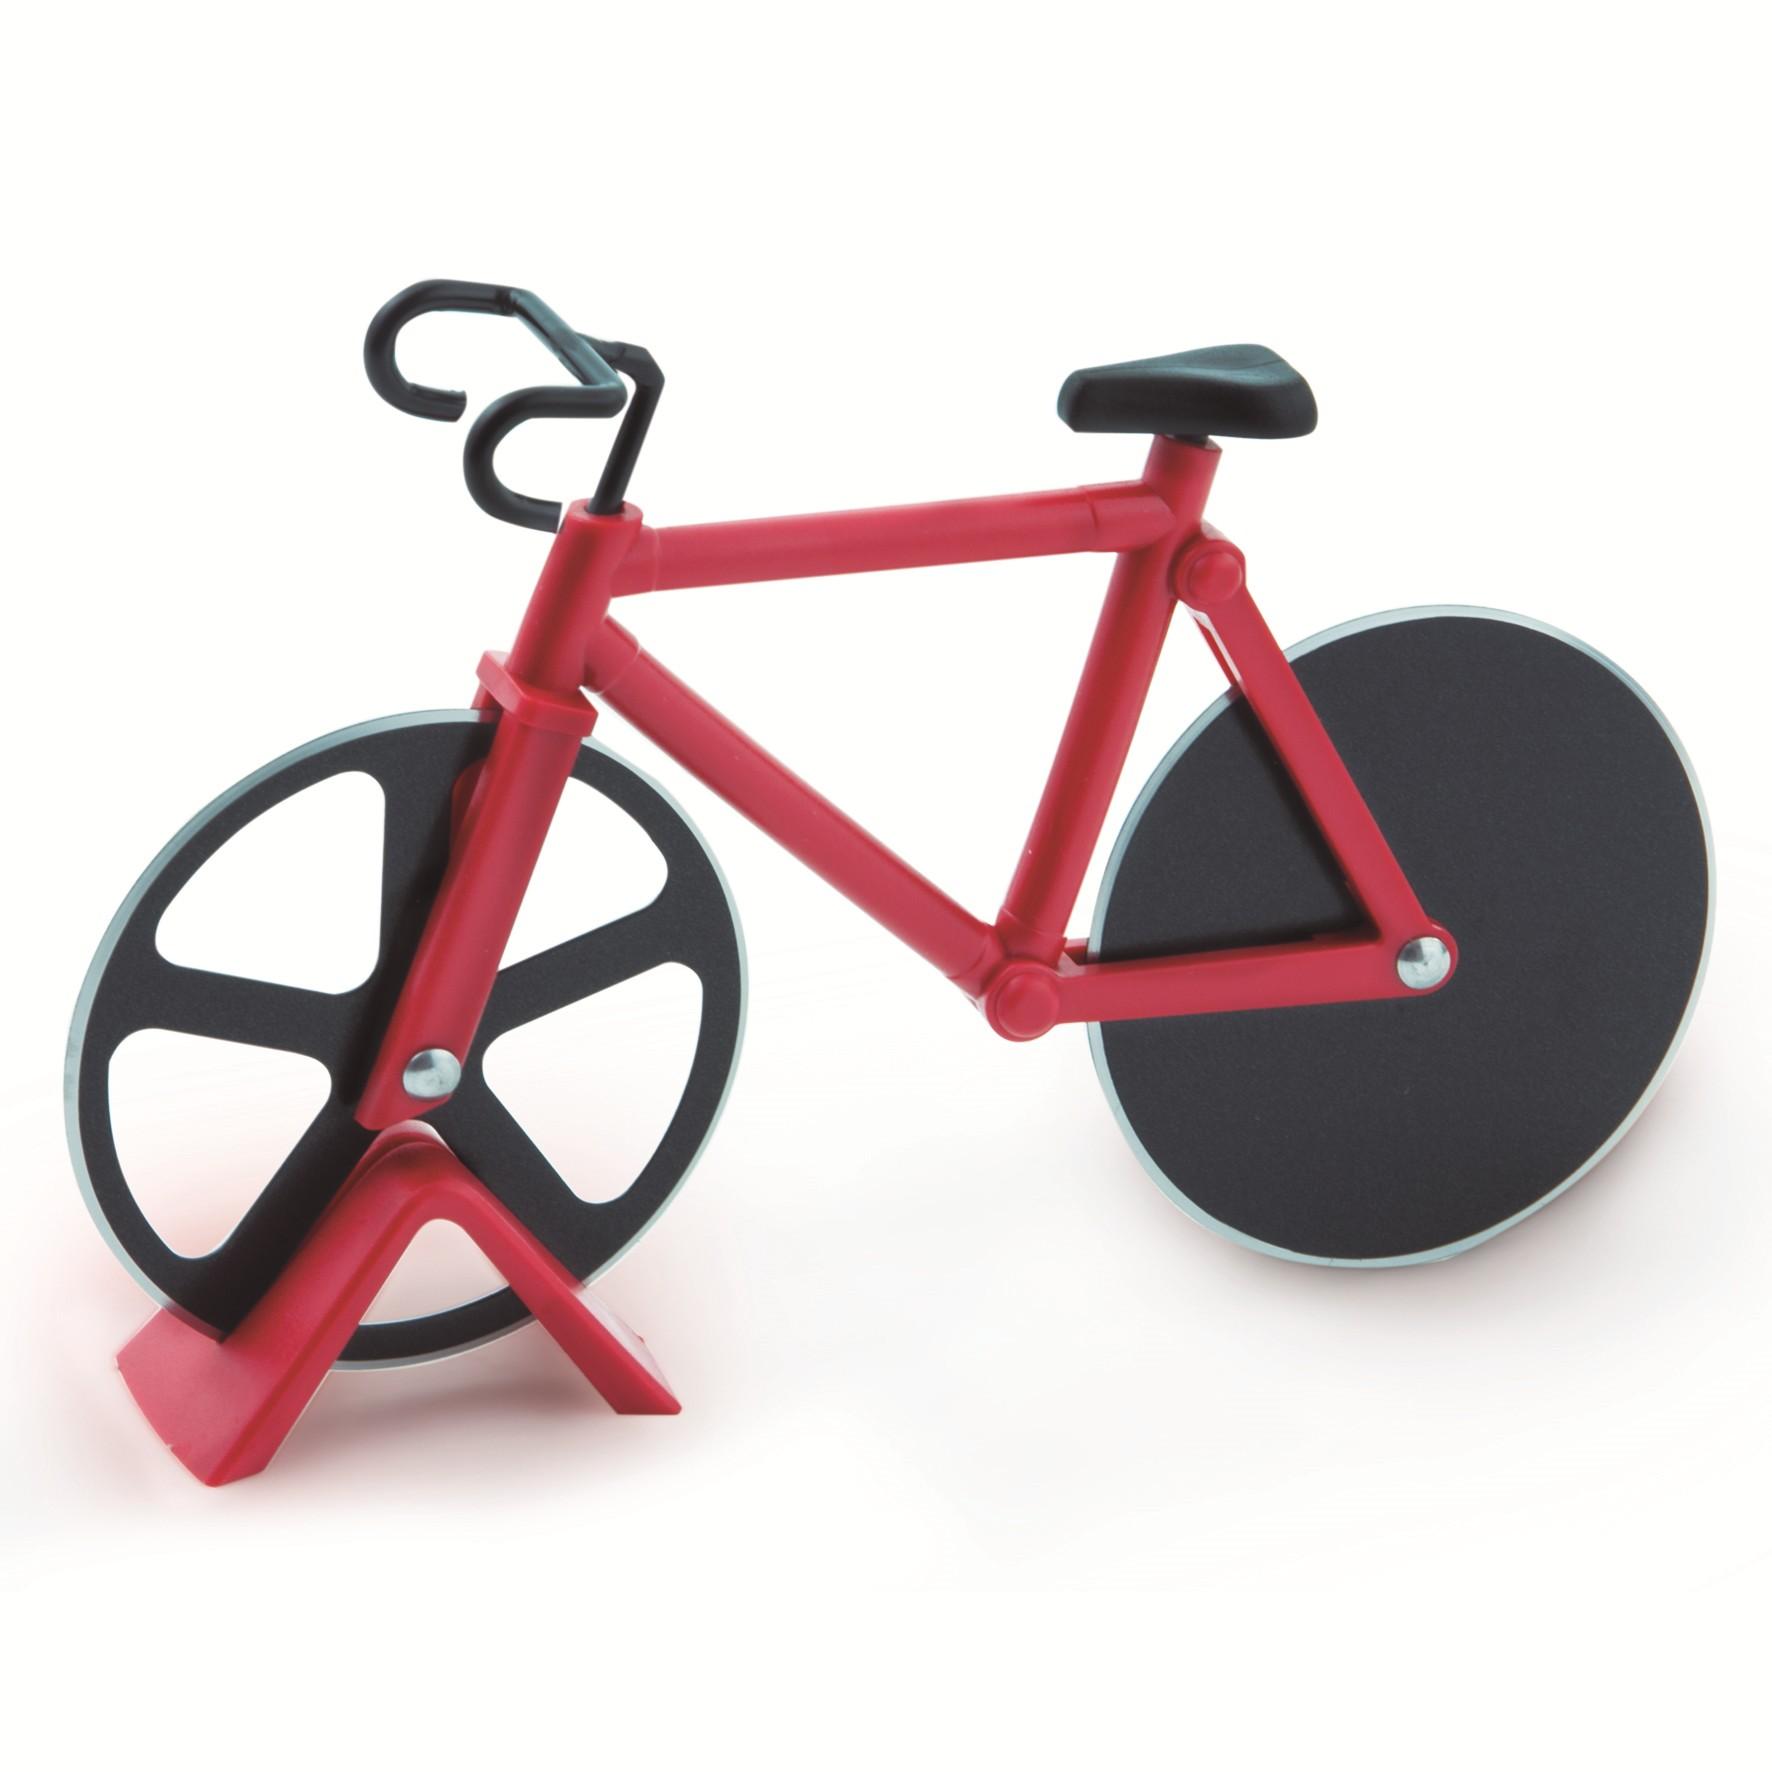 Cortador Pizza Inox Bicicleta - Asa19273